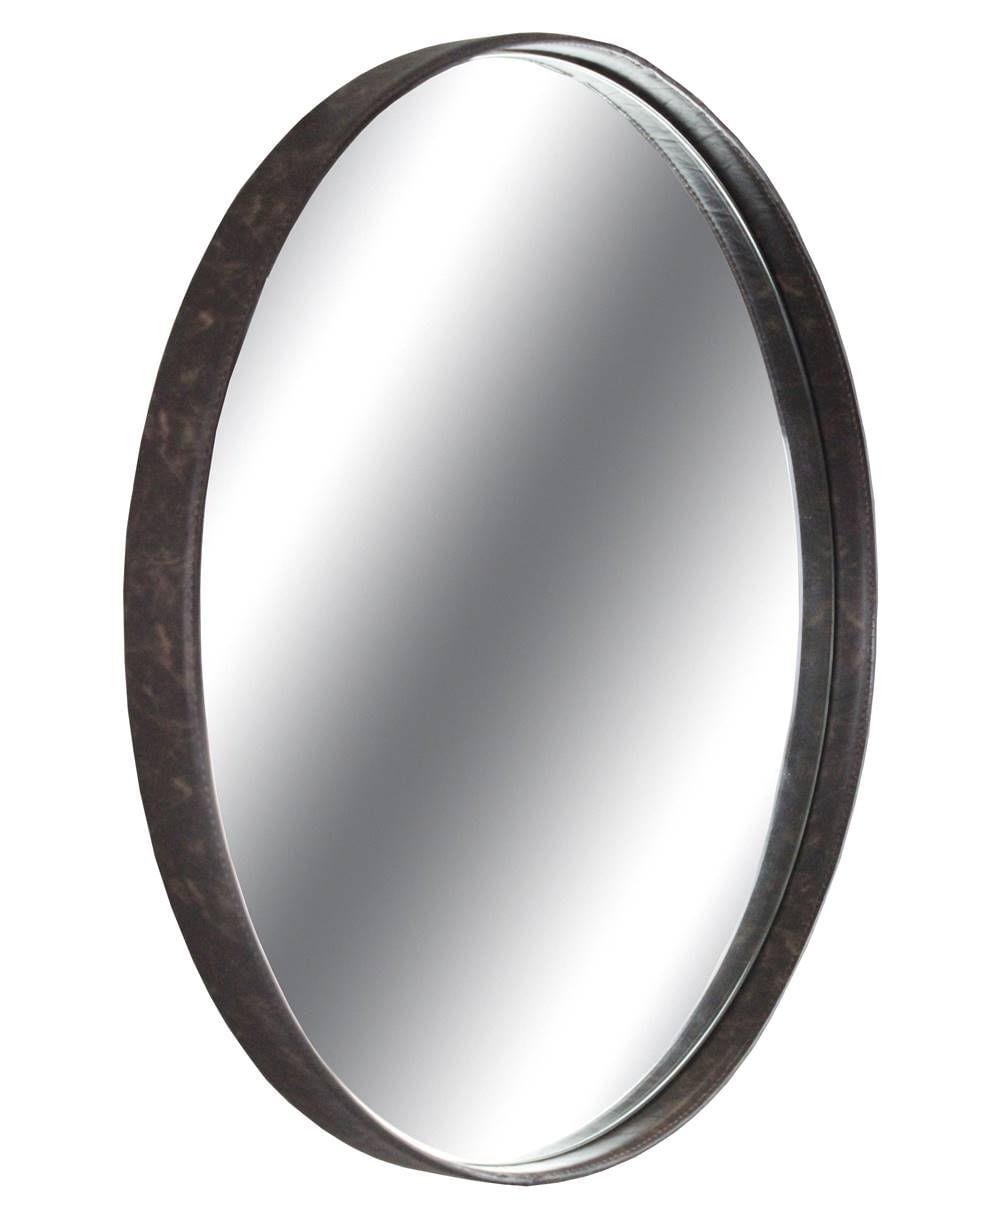 Espelho Boris Moldura Aco Revestido em Couro Castanho 90 cm (LARG) - 43558